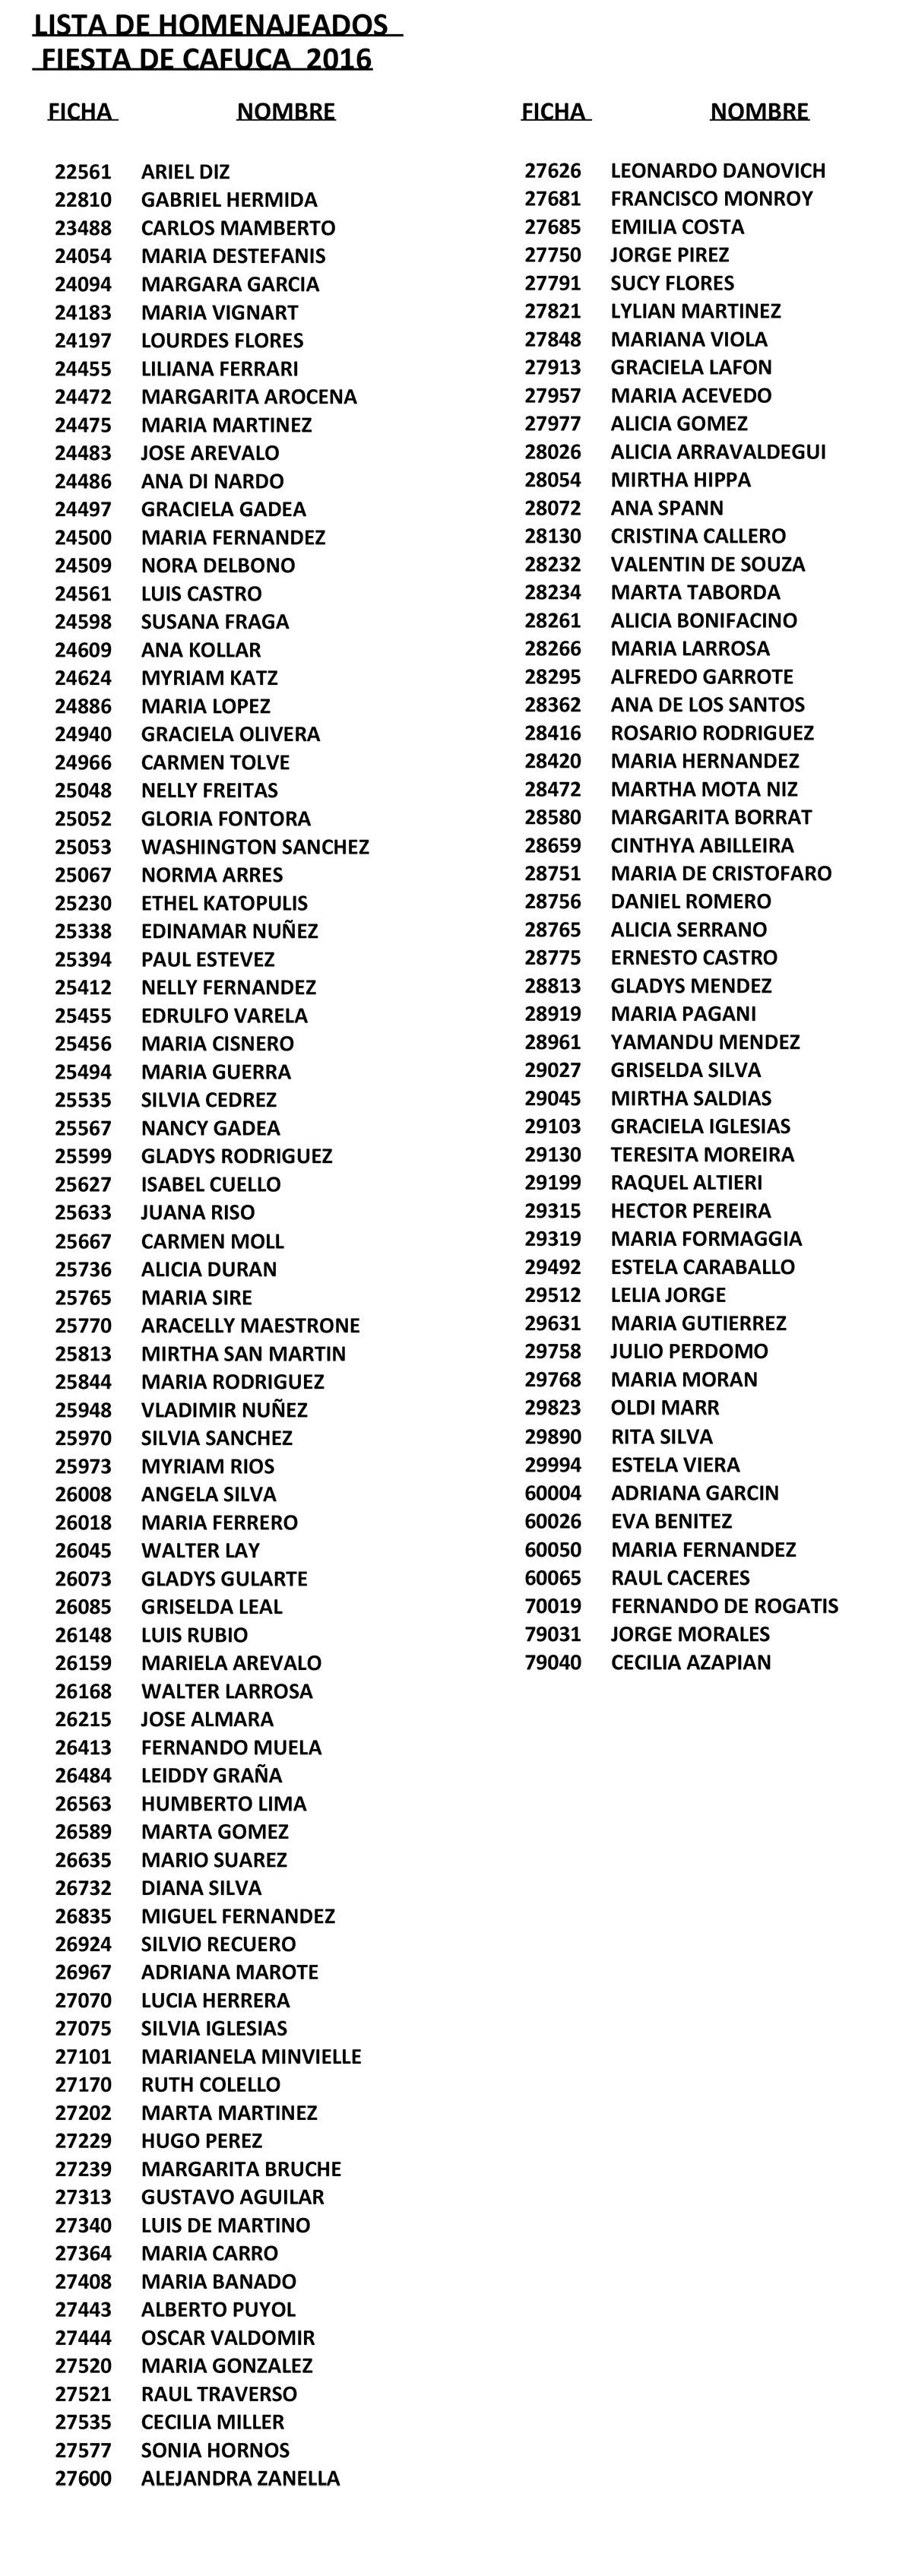 lista-homenajeados